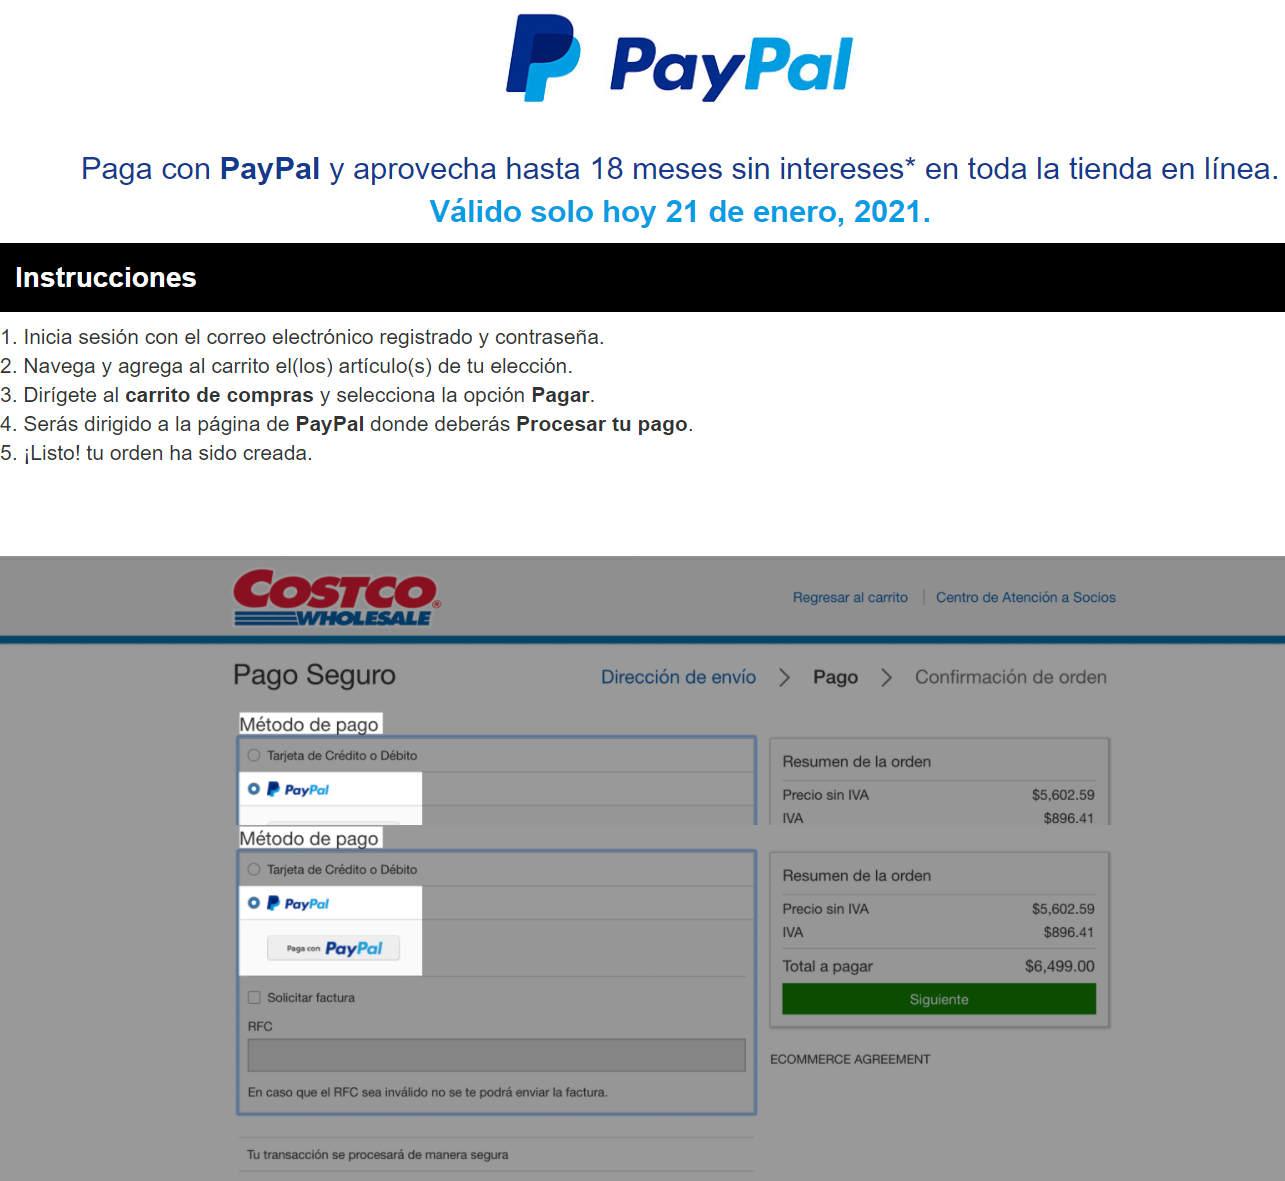 Costco: hasta 18 meses sin intereses pagando con Paypal